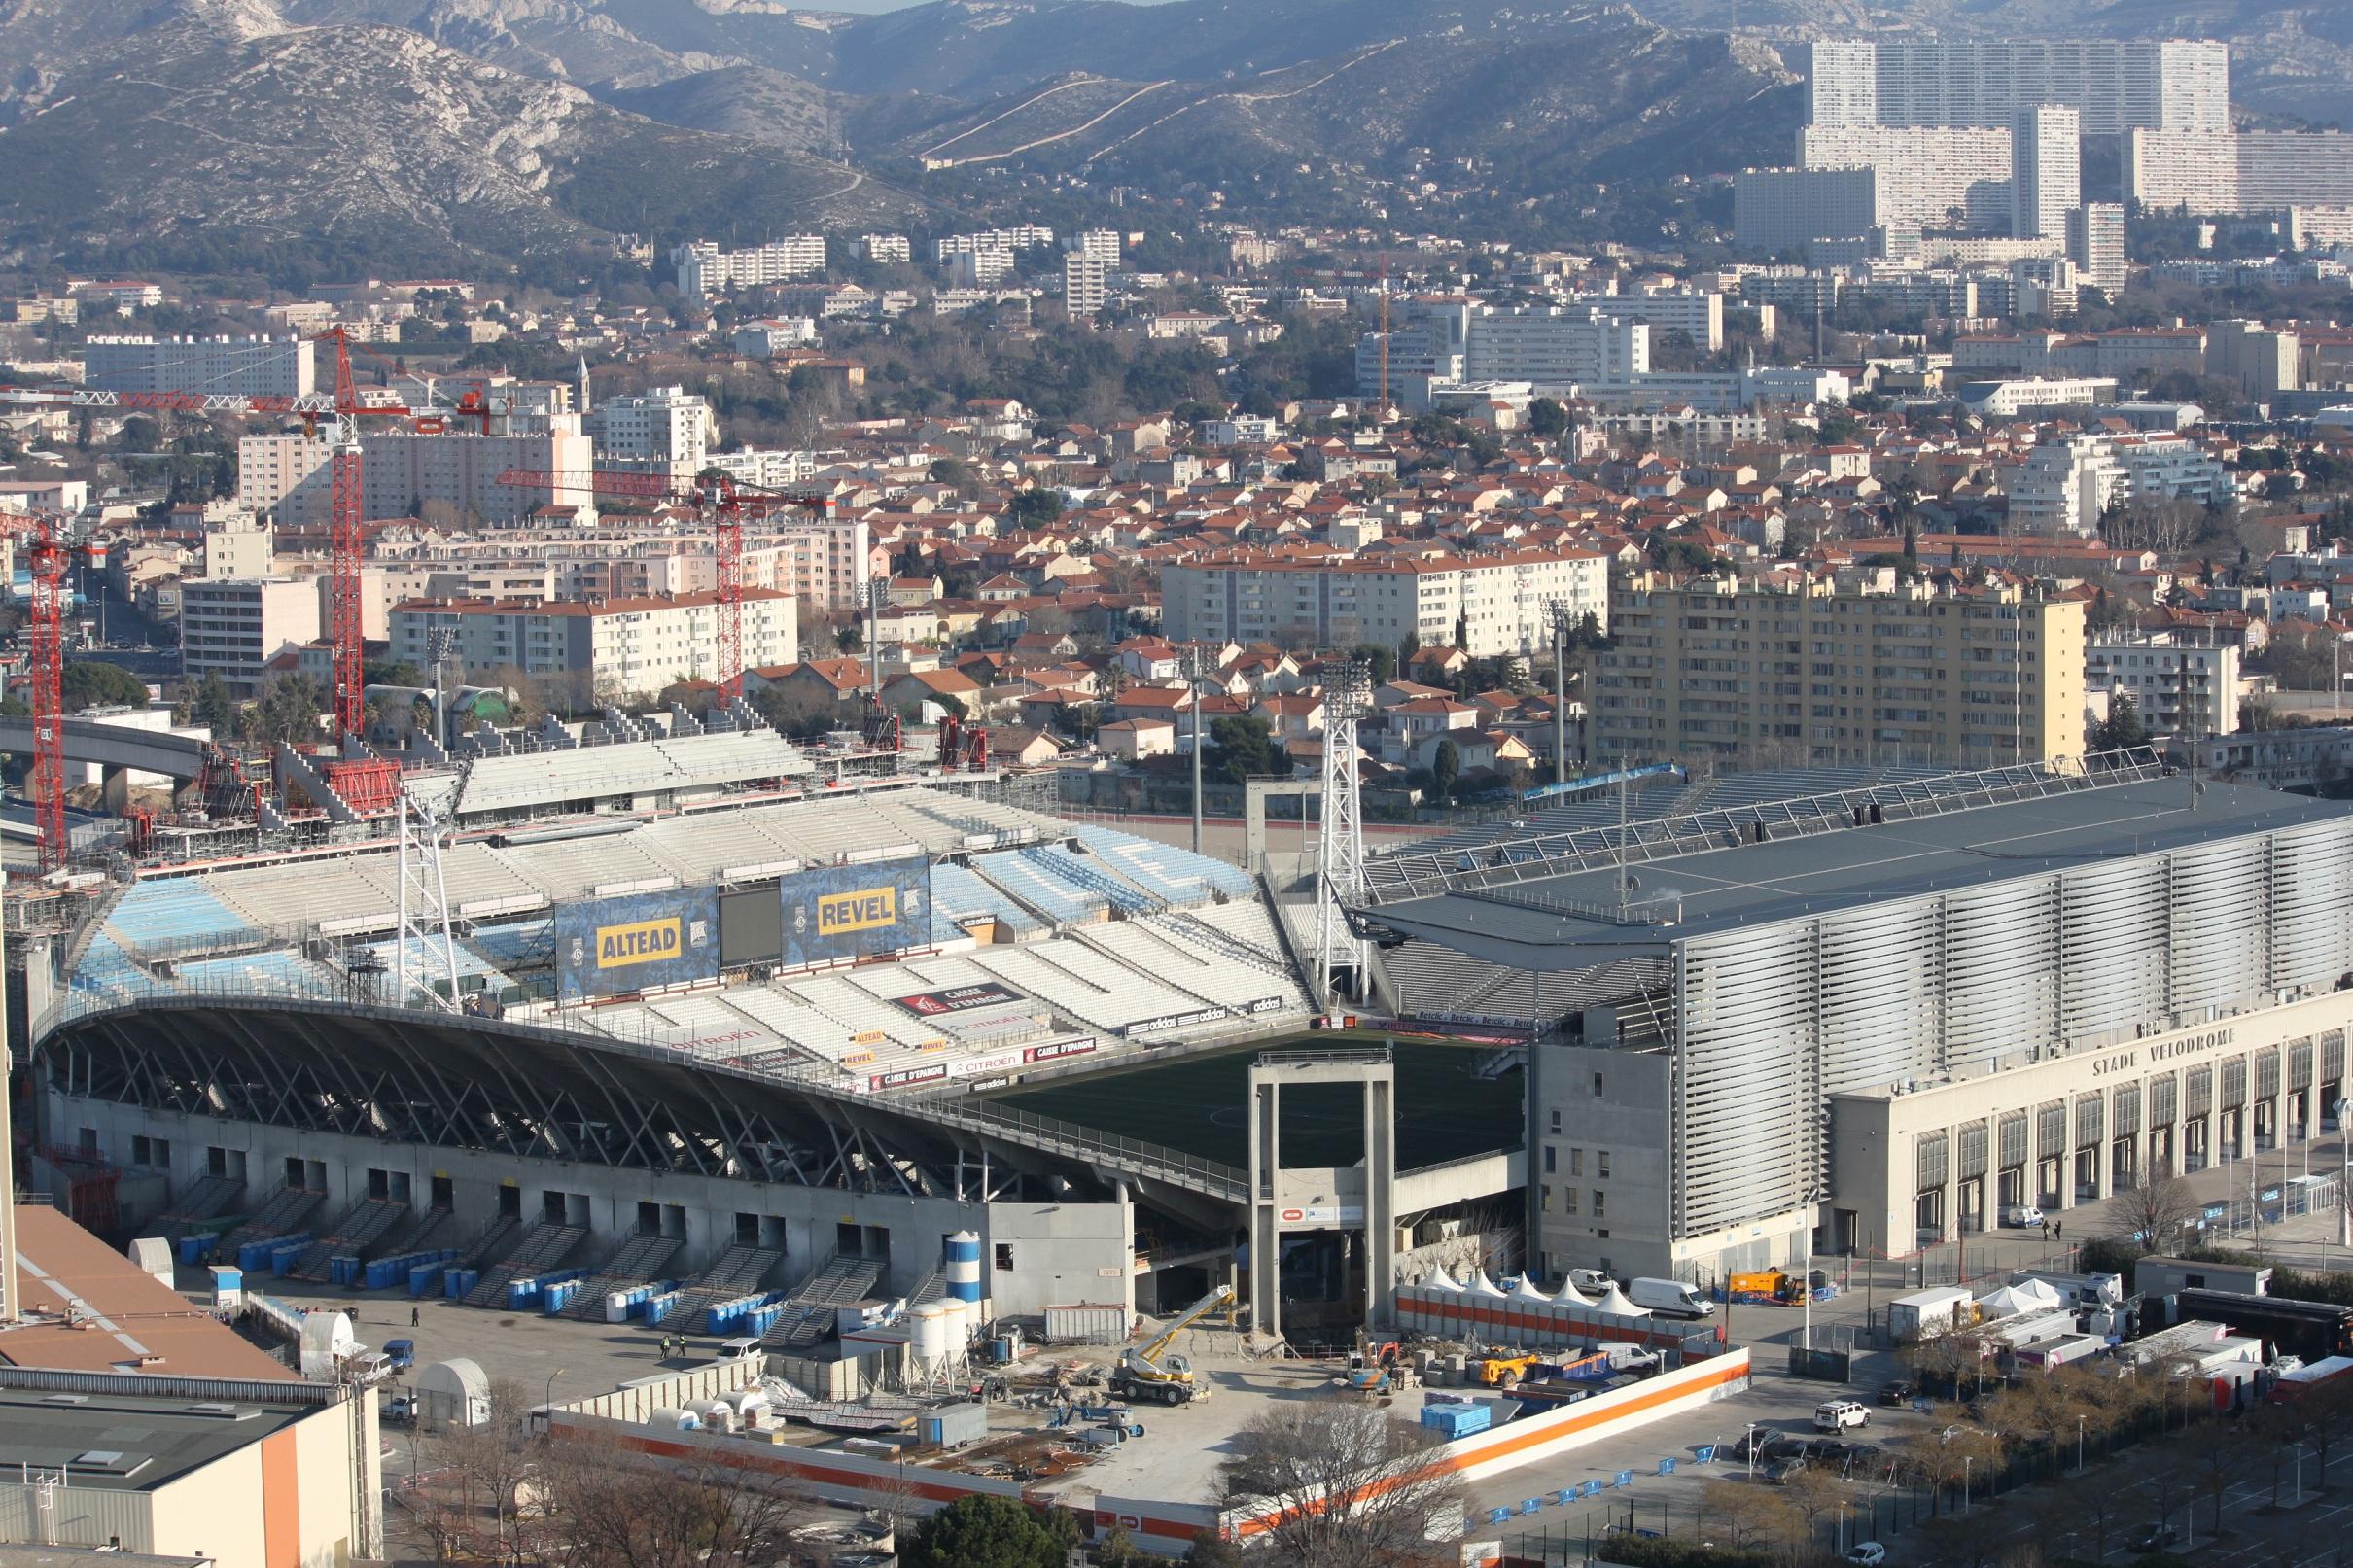 stade velodrome agrandissement couverture 2014 Actualités sur le chantier de rénovation et dagrandissement du Stade Vélodrome de Marseille